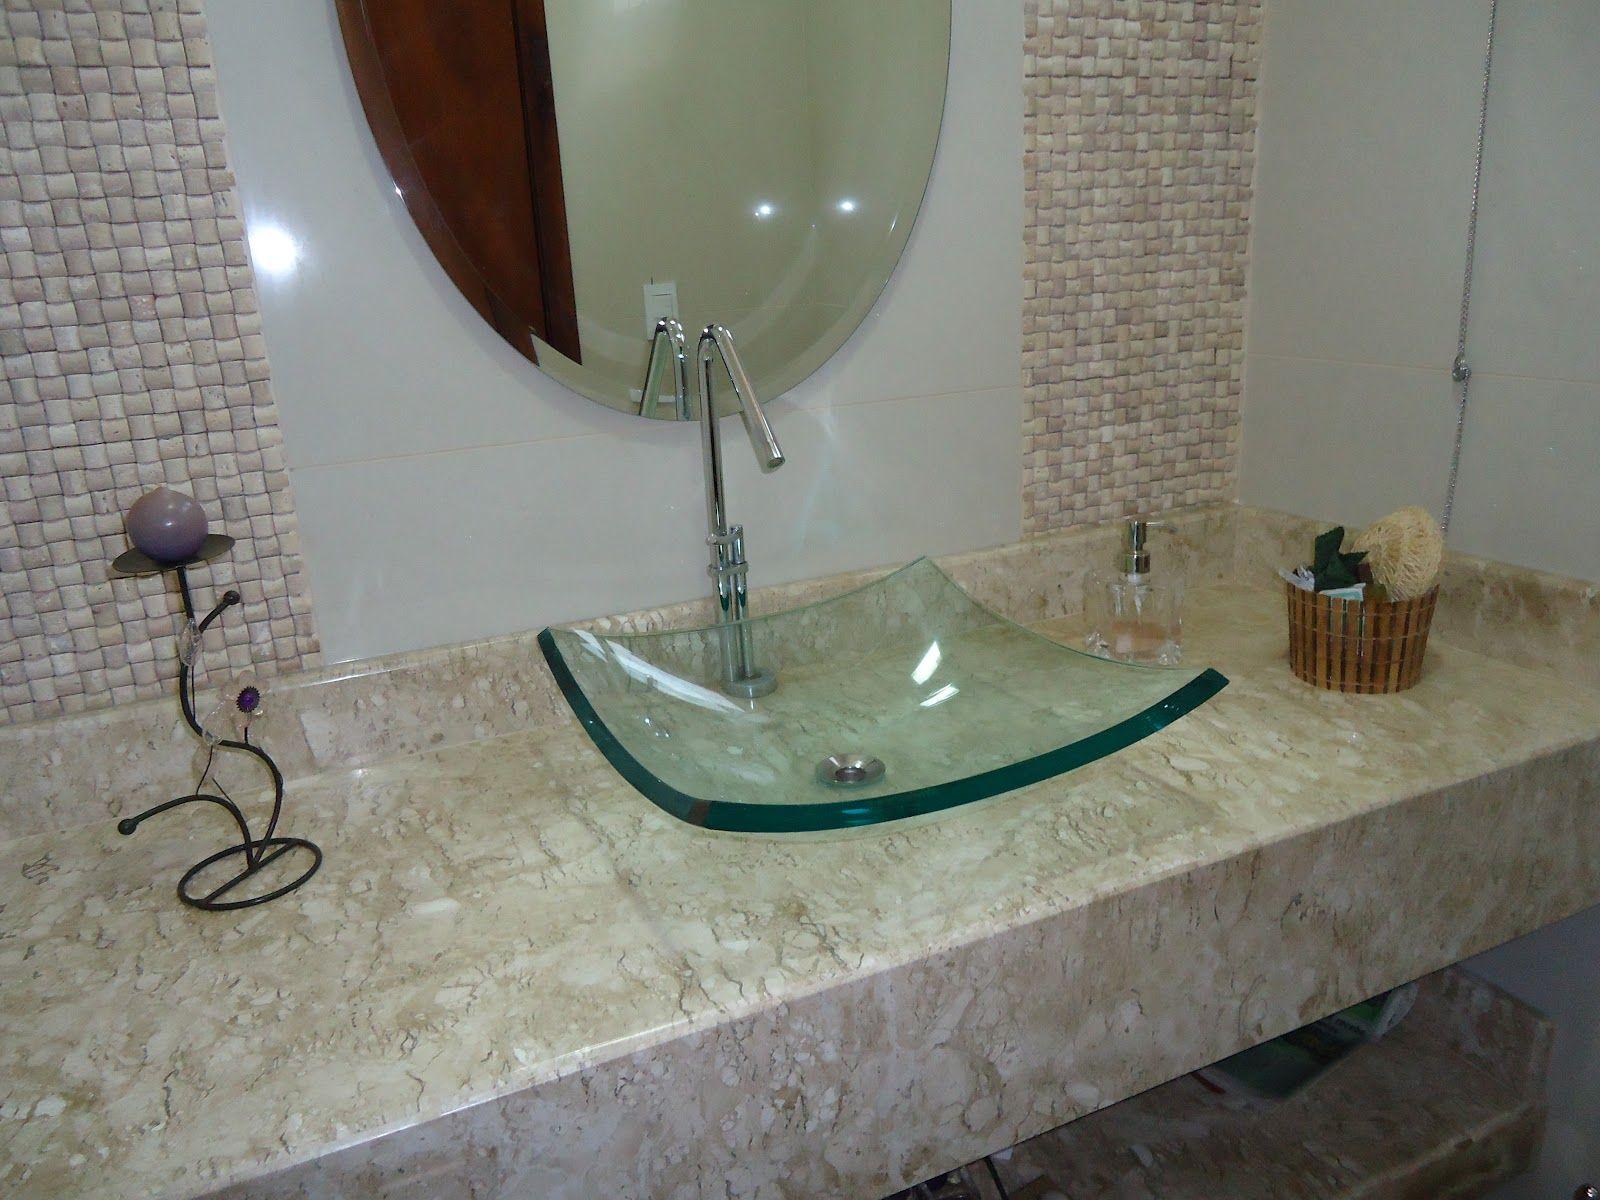 cuba de vidro em balcao de marmore branco - Pesquisa Google